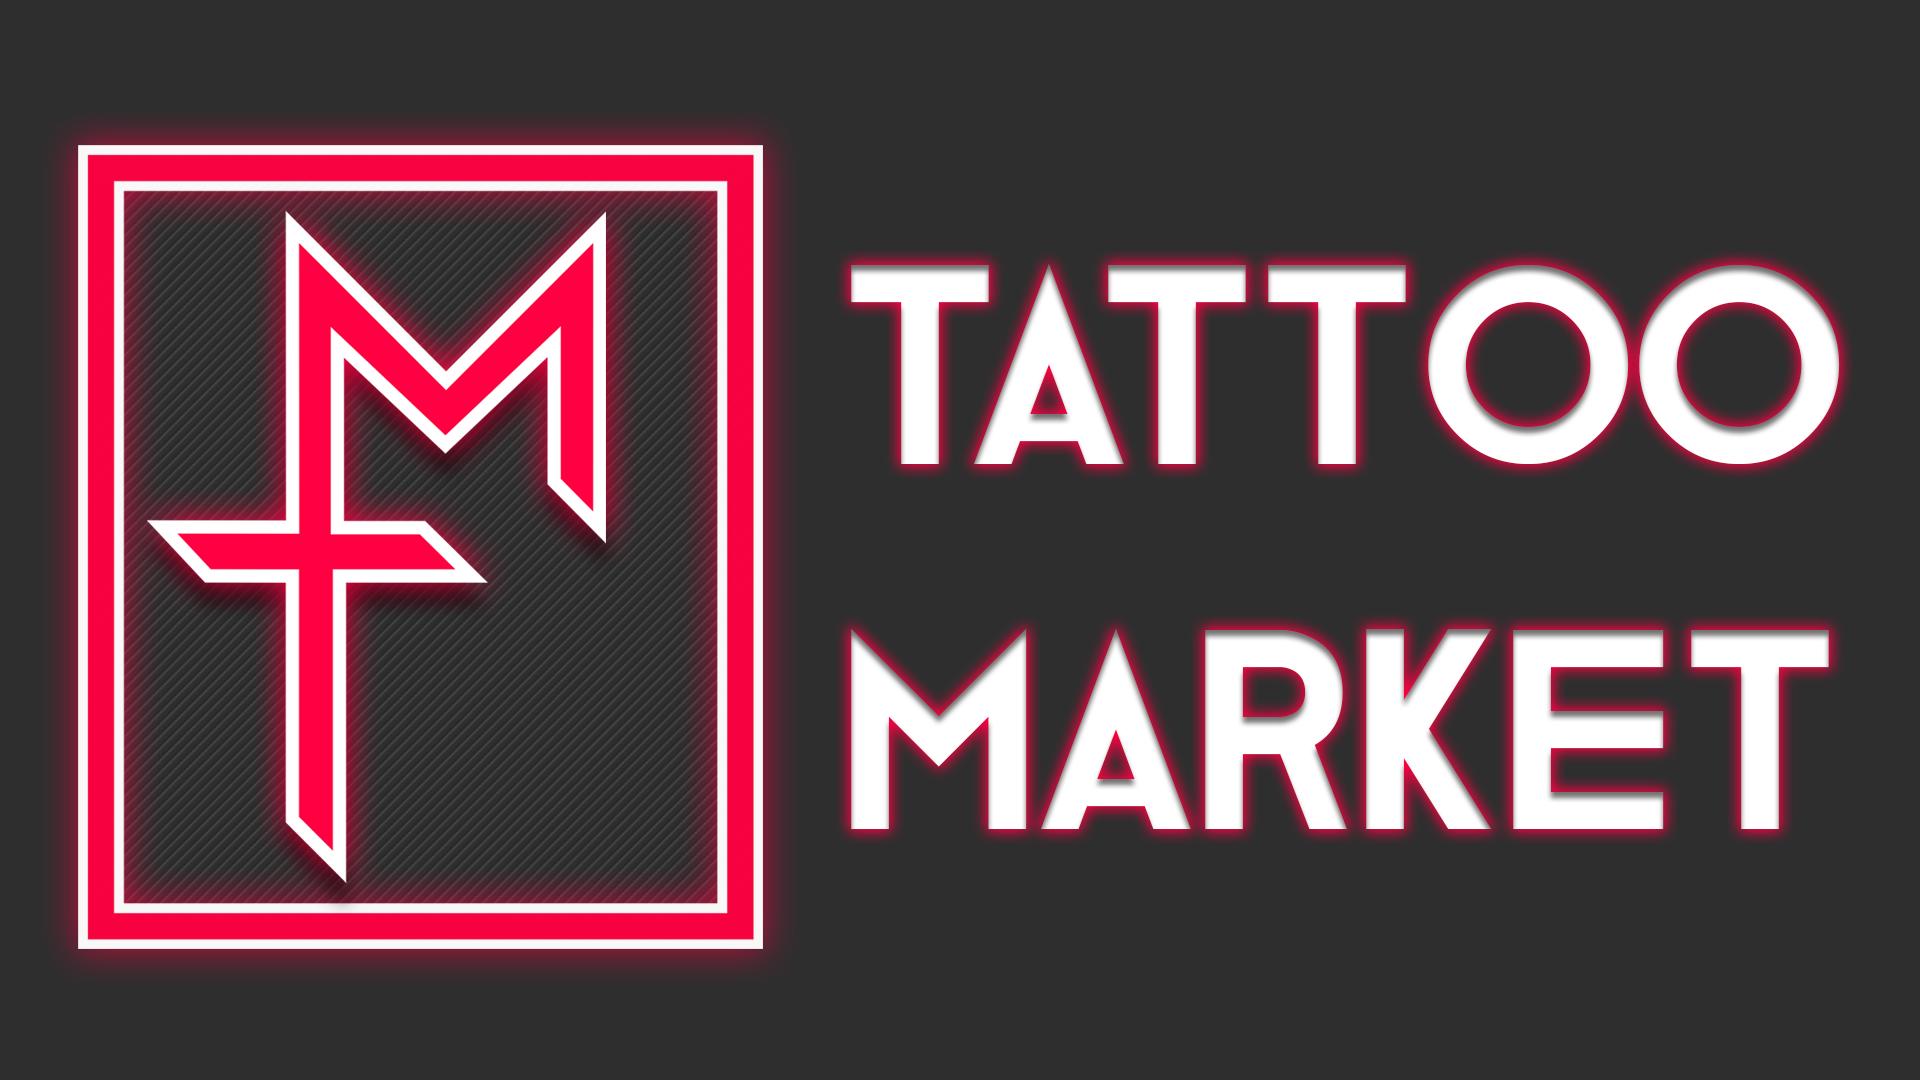 Редизайн логотипа магазина тату оборудования TattooMarket.ru фото f_4625c3ce0ae6b8ef.png